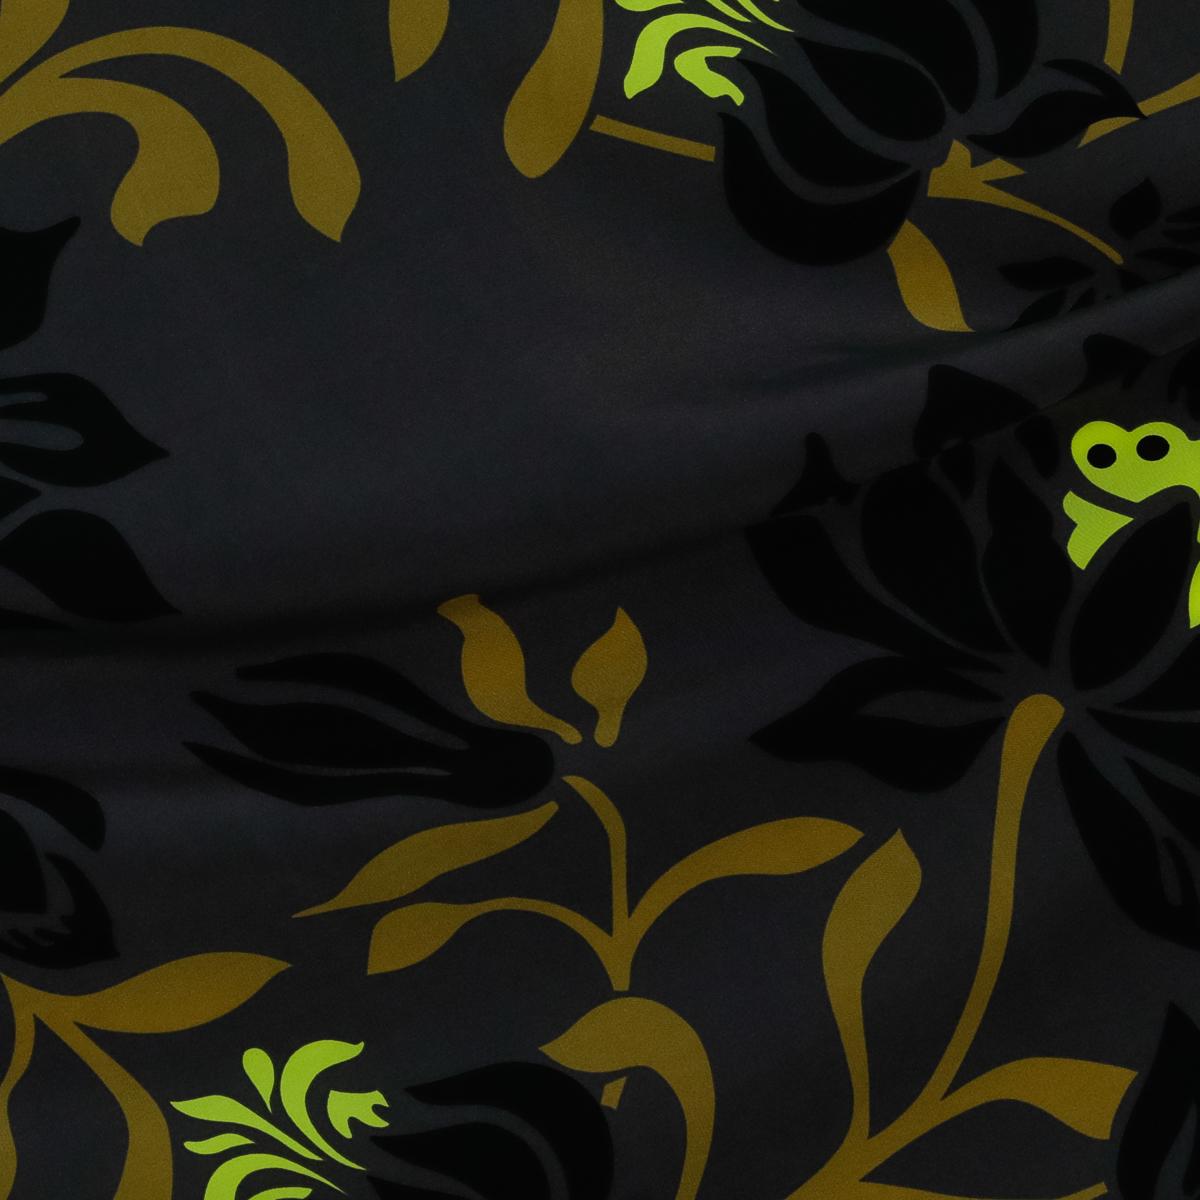 Шёлковый крепдешин тёмно-серого цвета с неоновыми акцентами